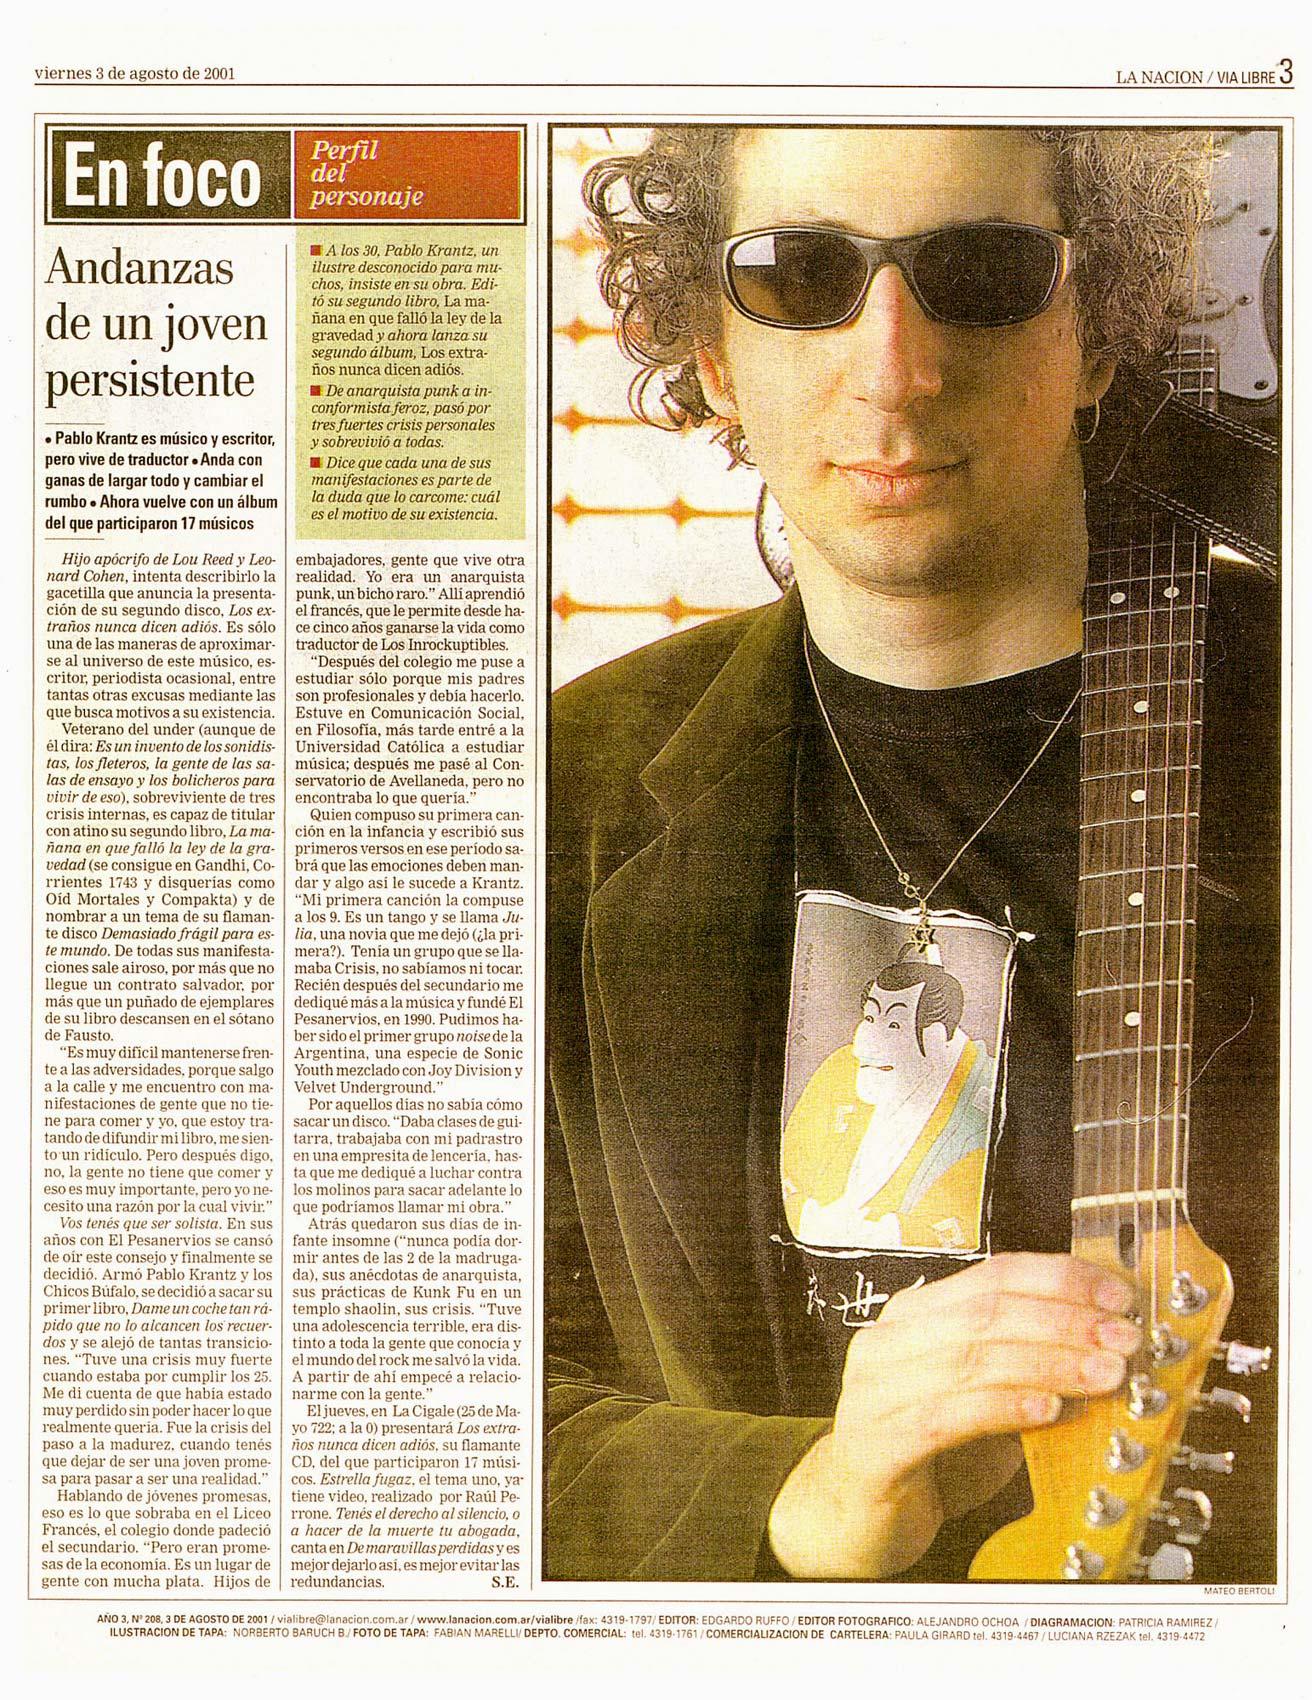 Diario La Nación, Argentina, 2001